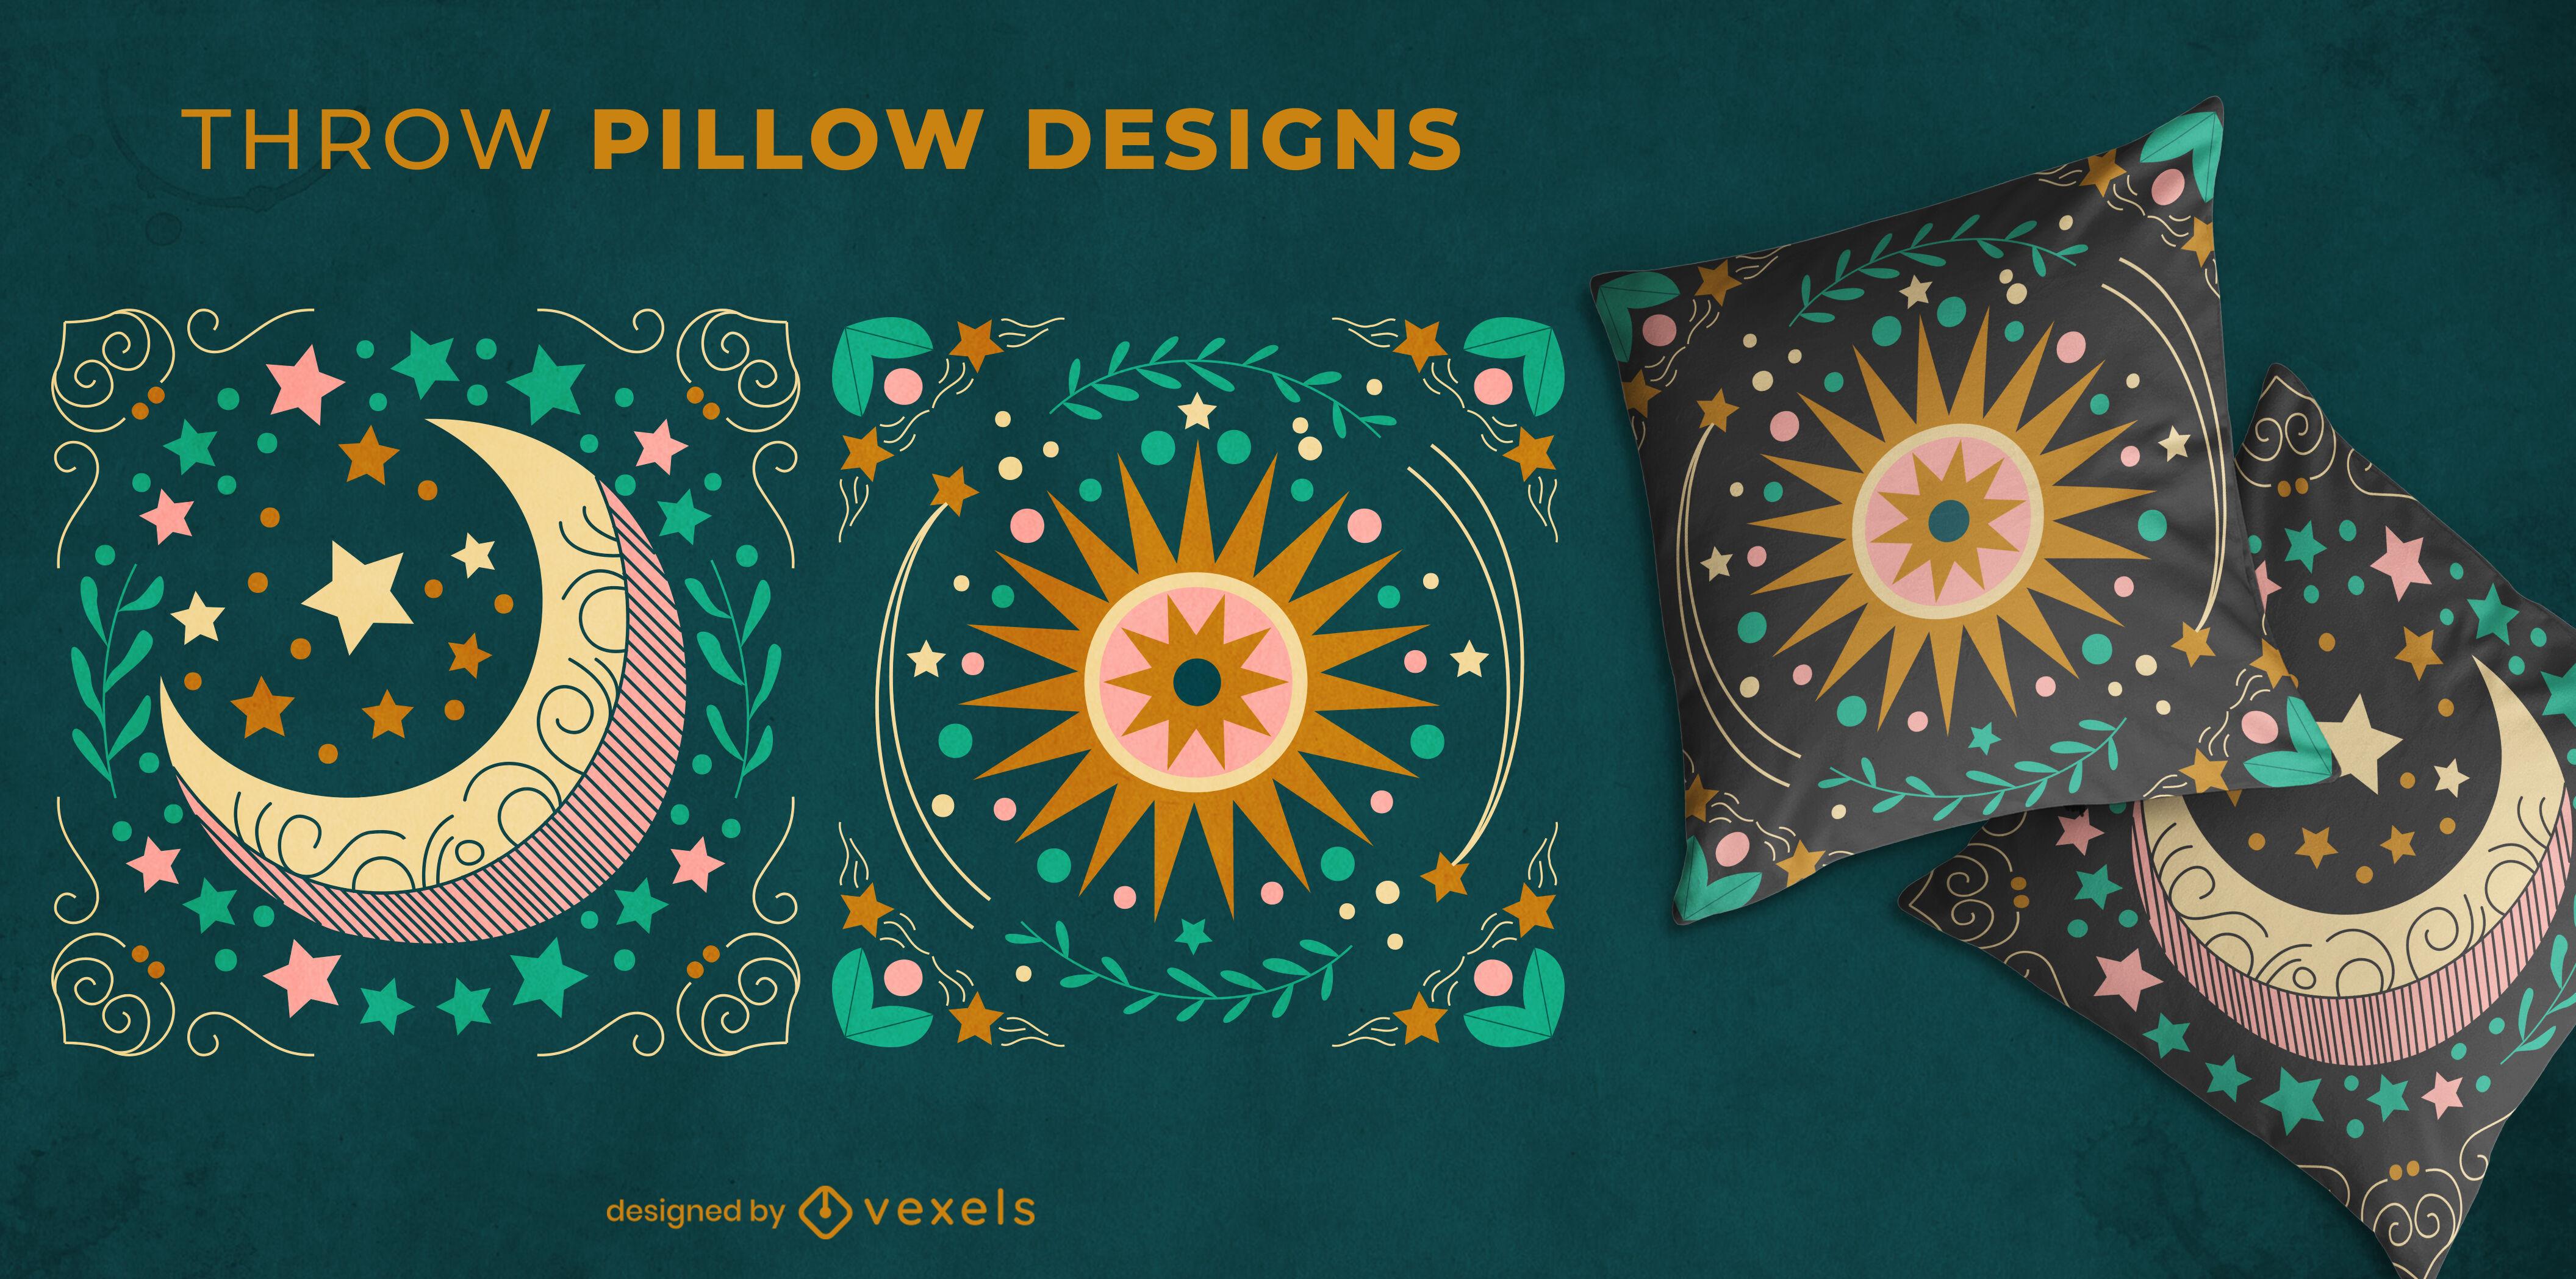 Moon and sun nature throw pillow design